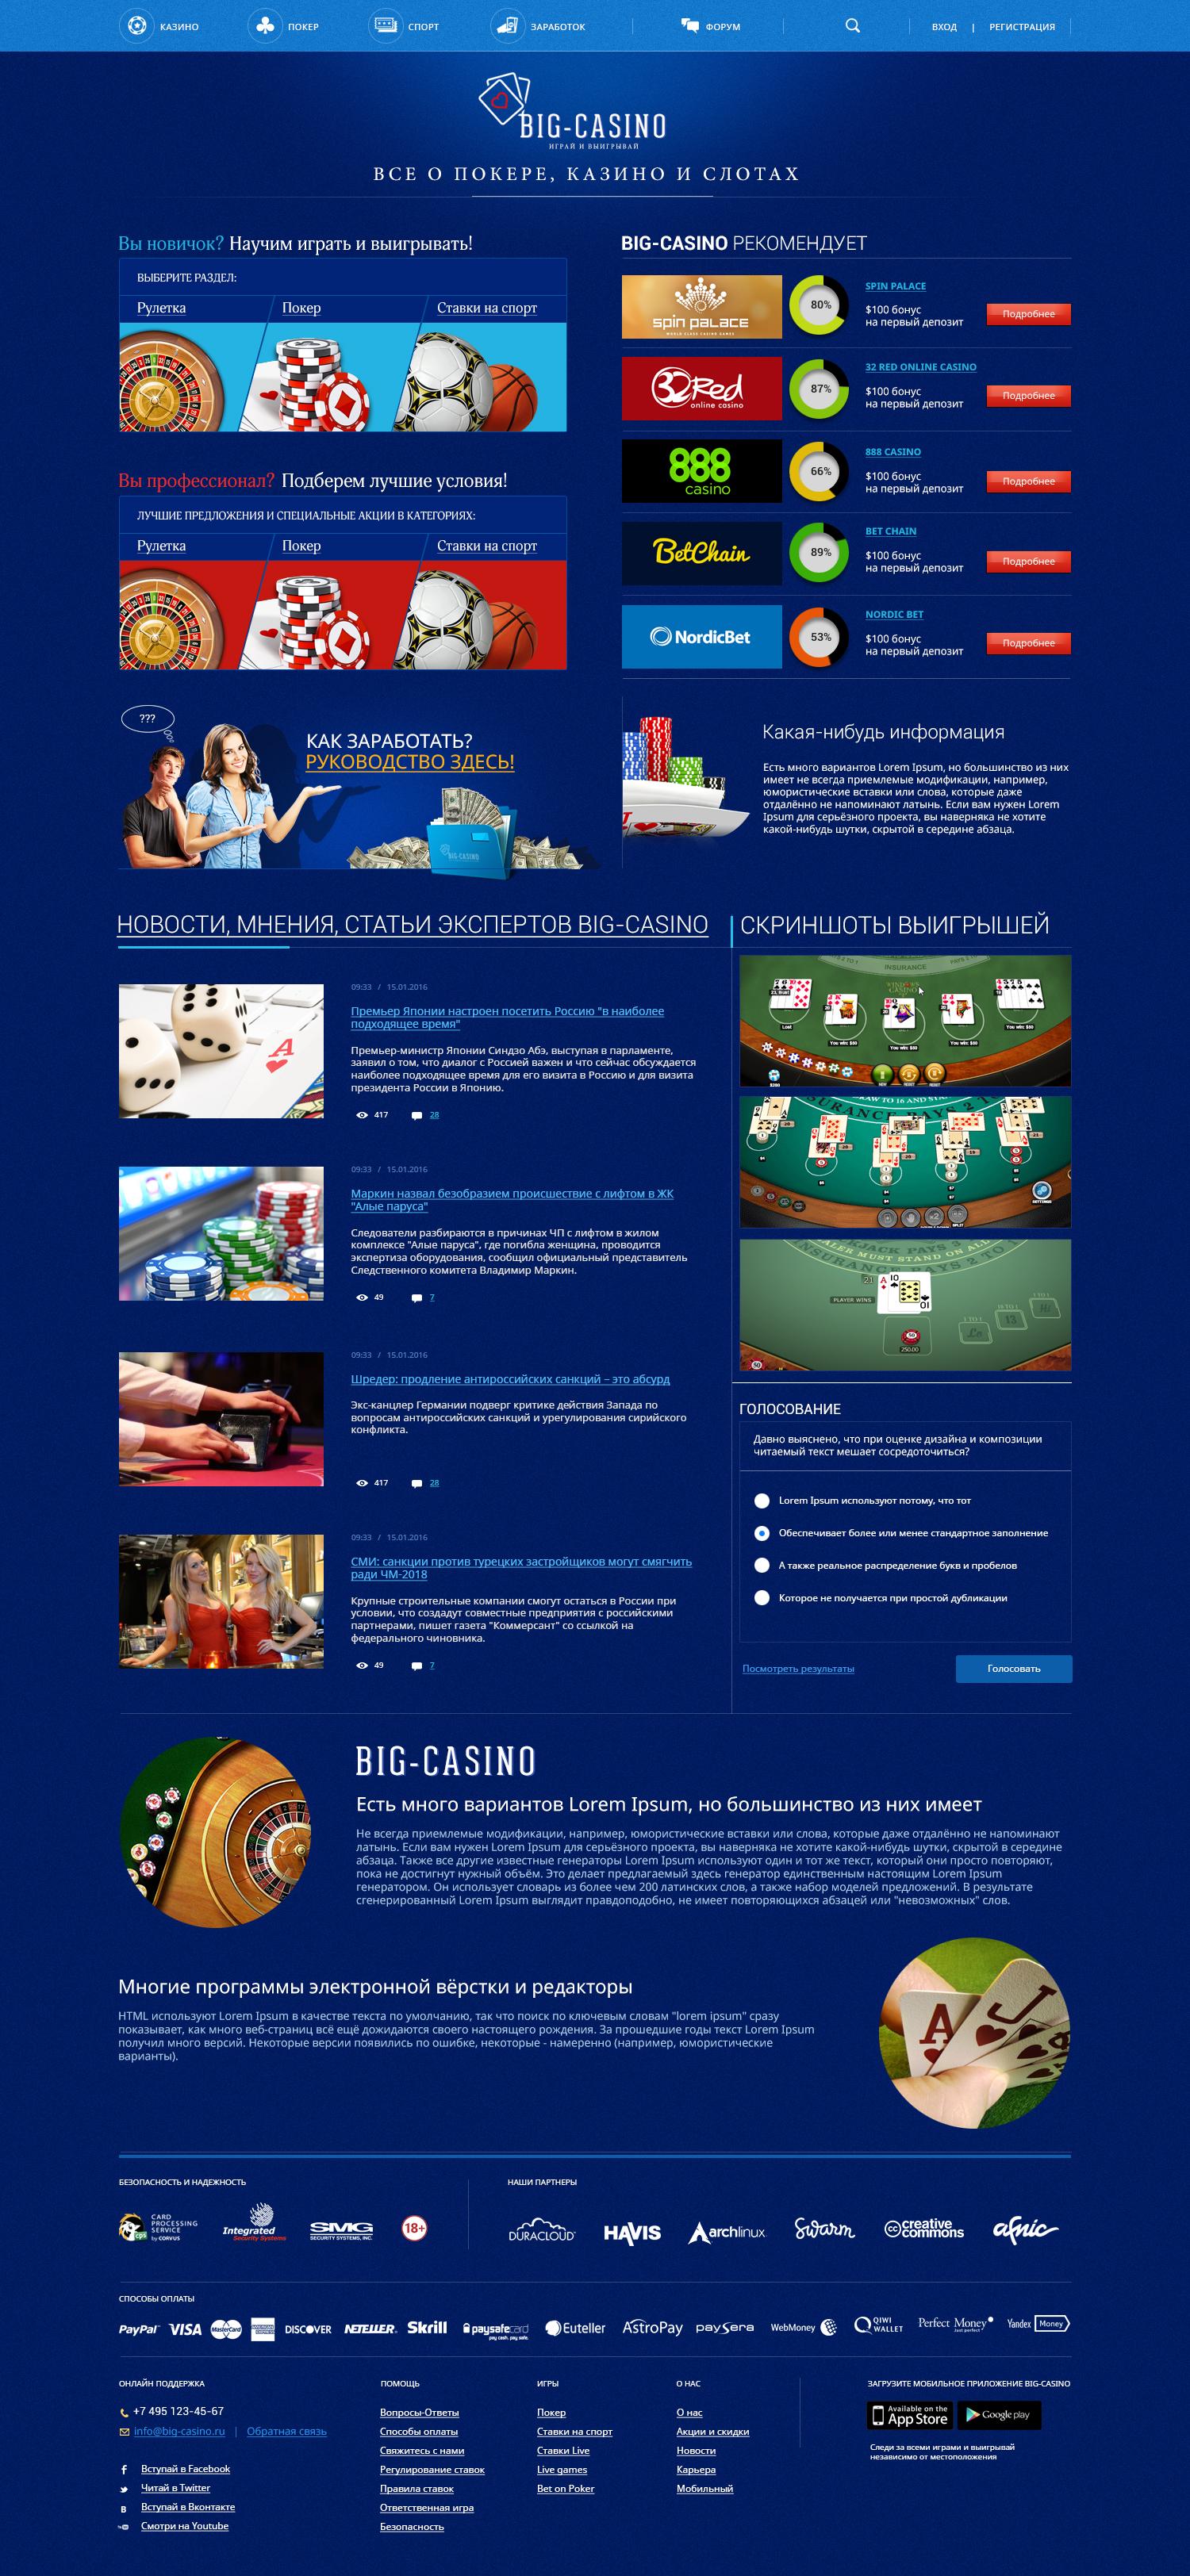 Big Casino - Все о покере, казино и ставках